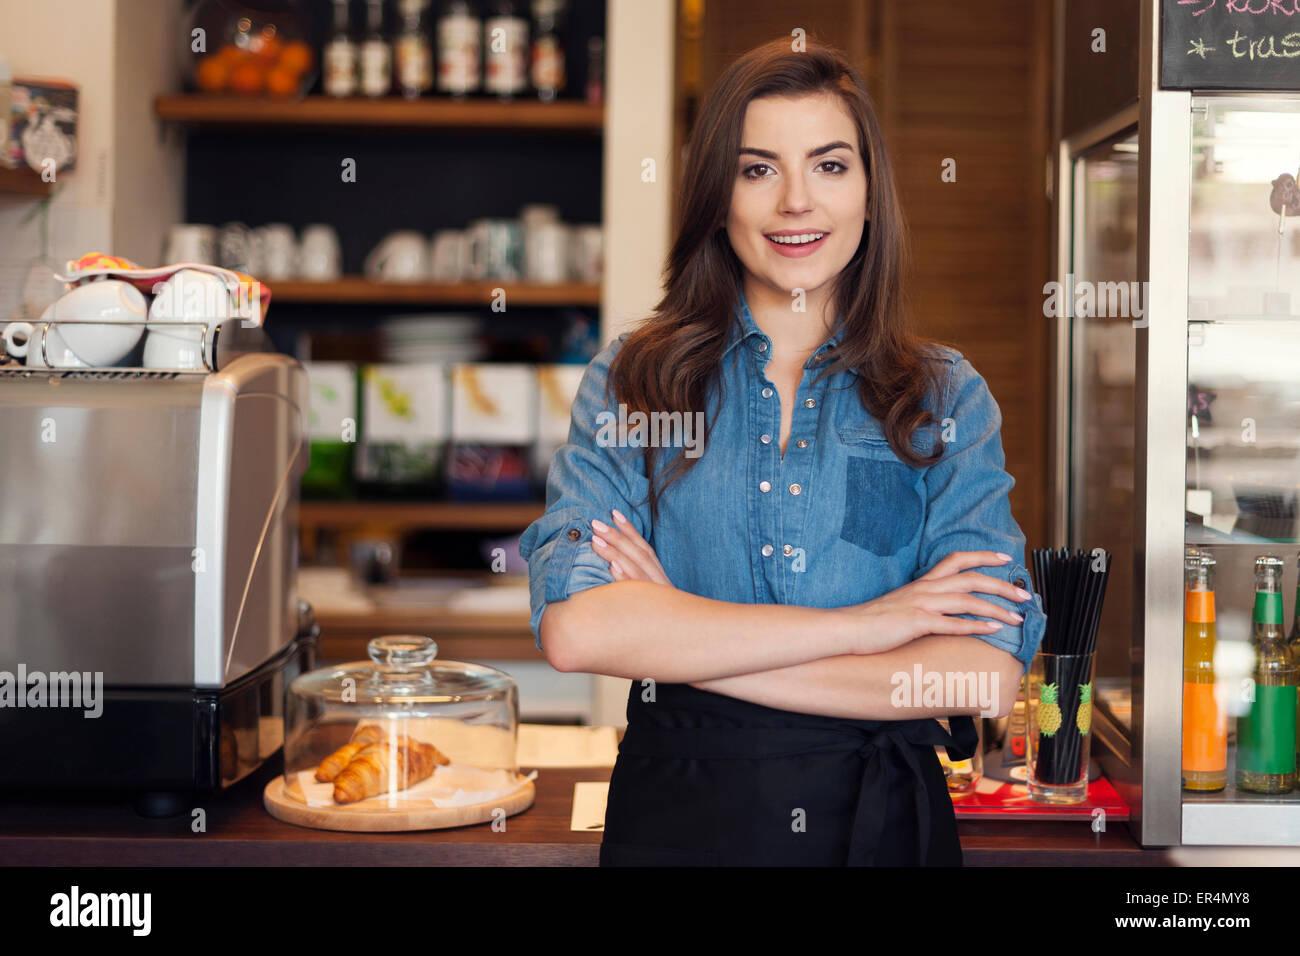 Ritratto di cordiale cameriera a lavoro. Cracovia in Polonia Foto Stock